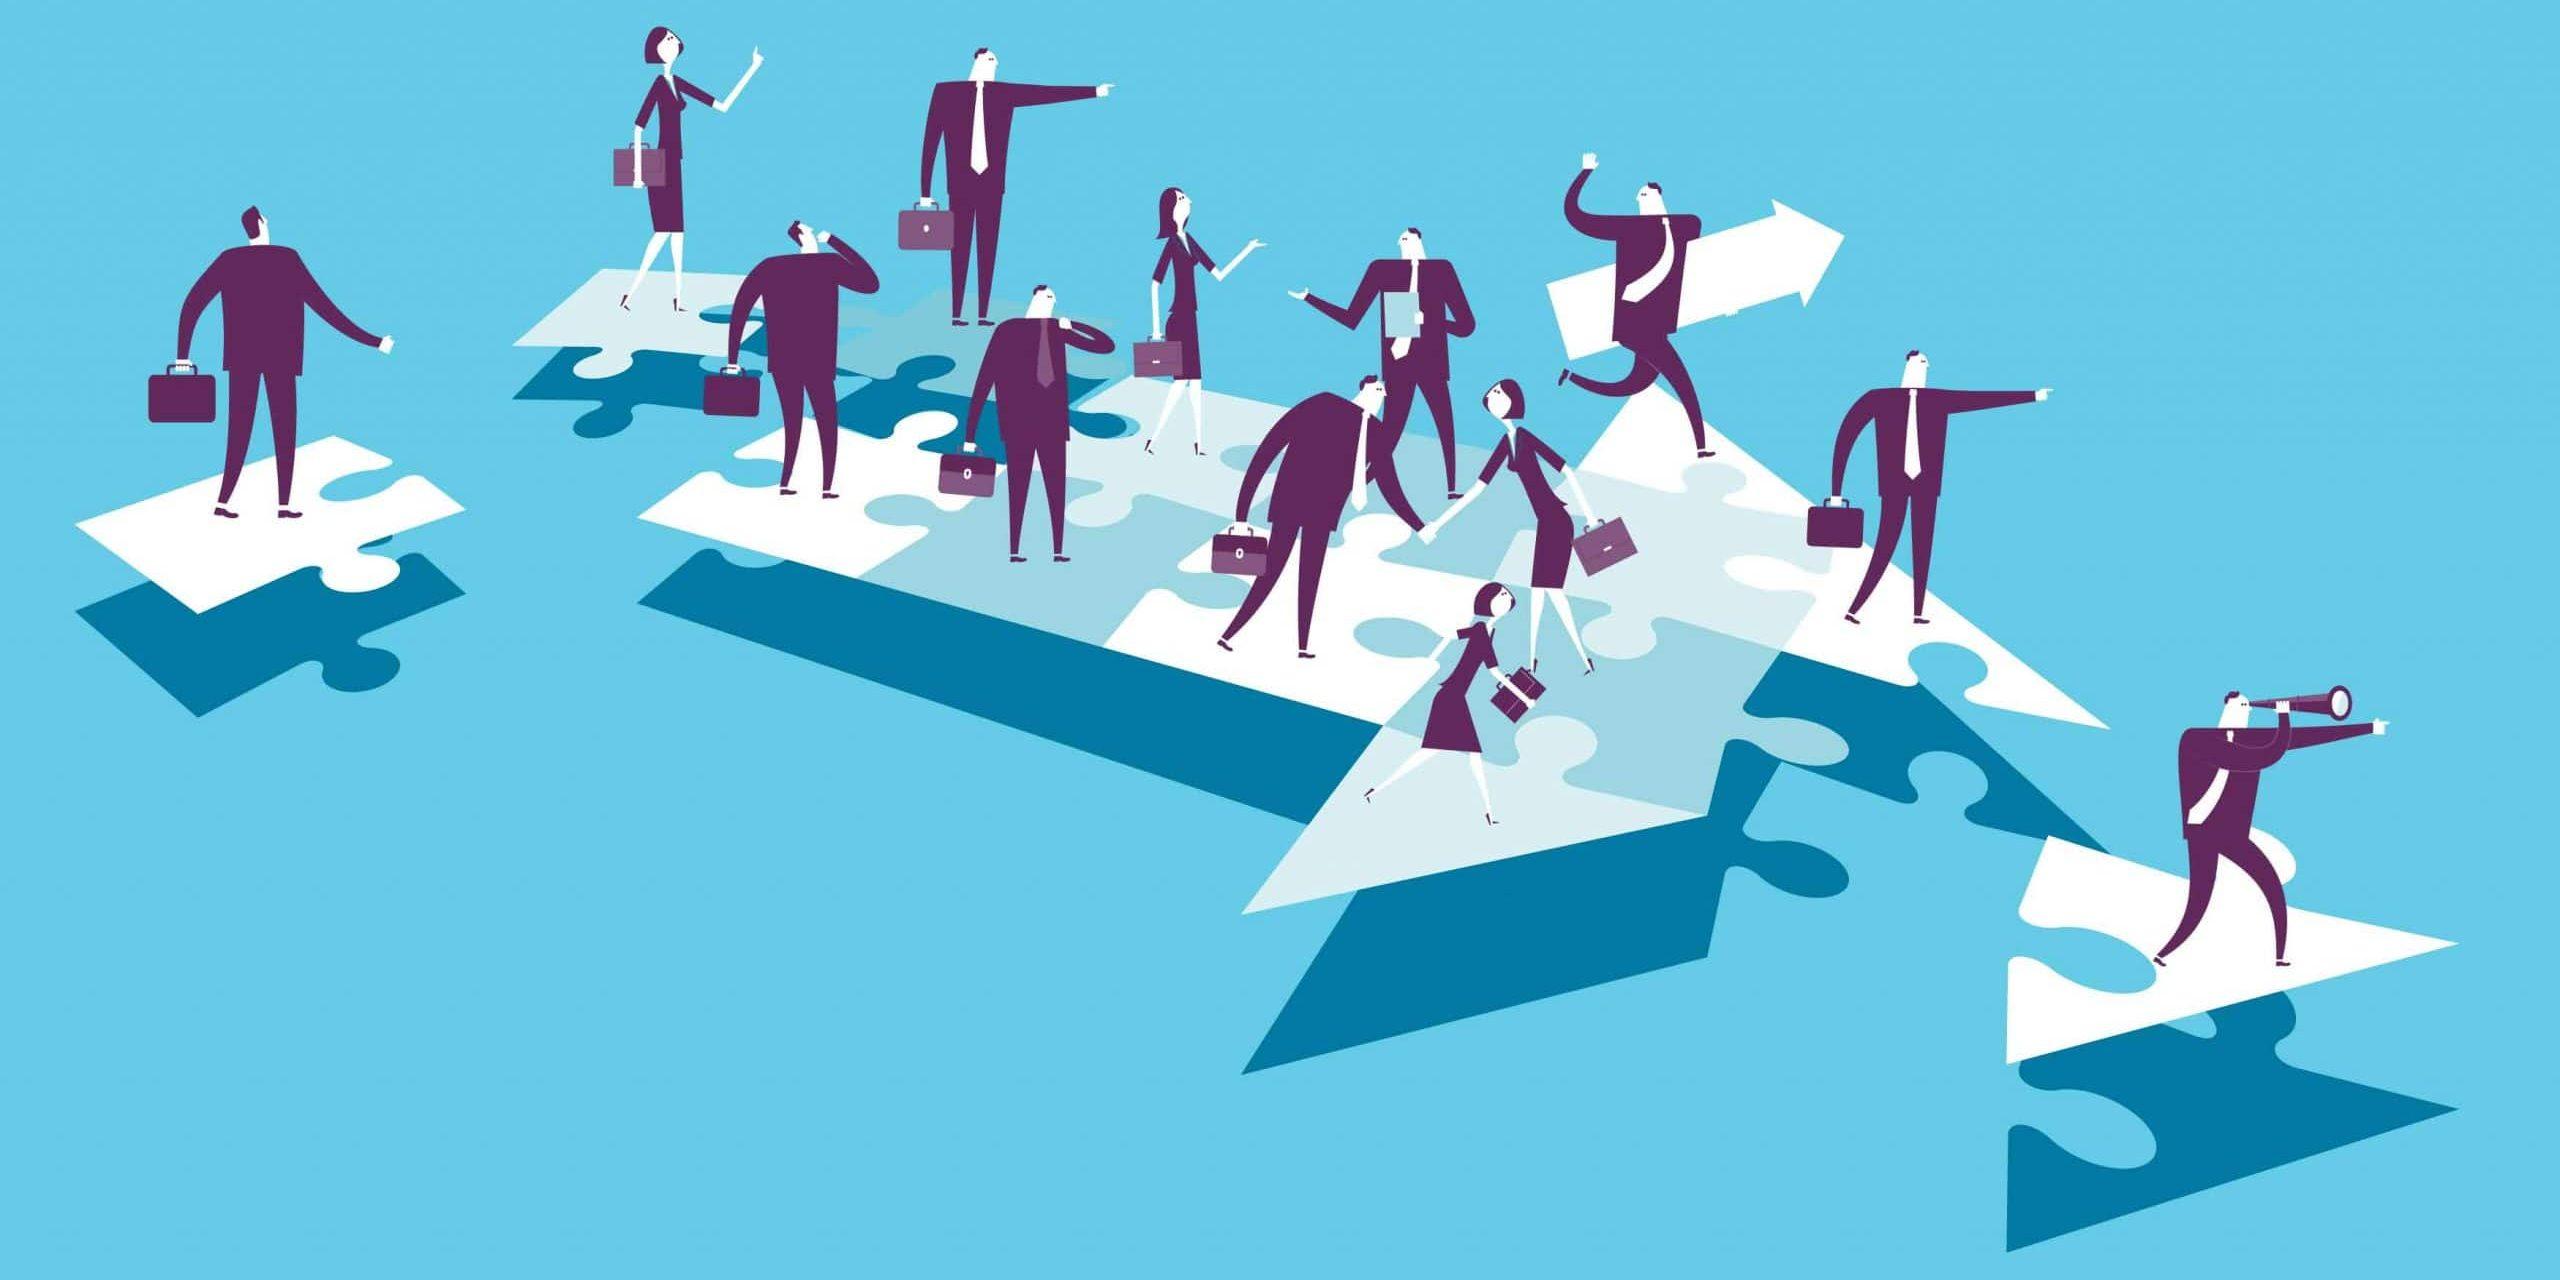 增强IT创新力:IT团队建设只要7种方法